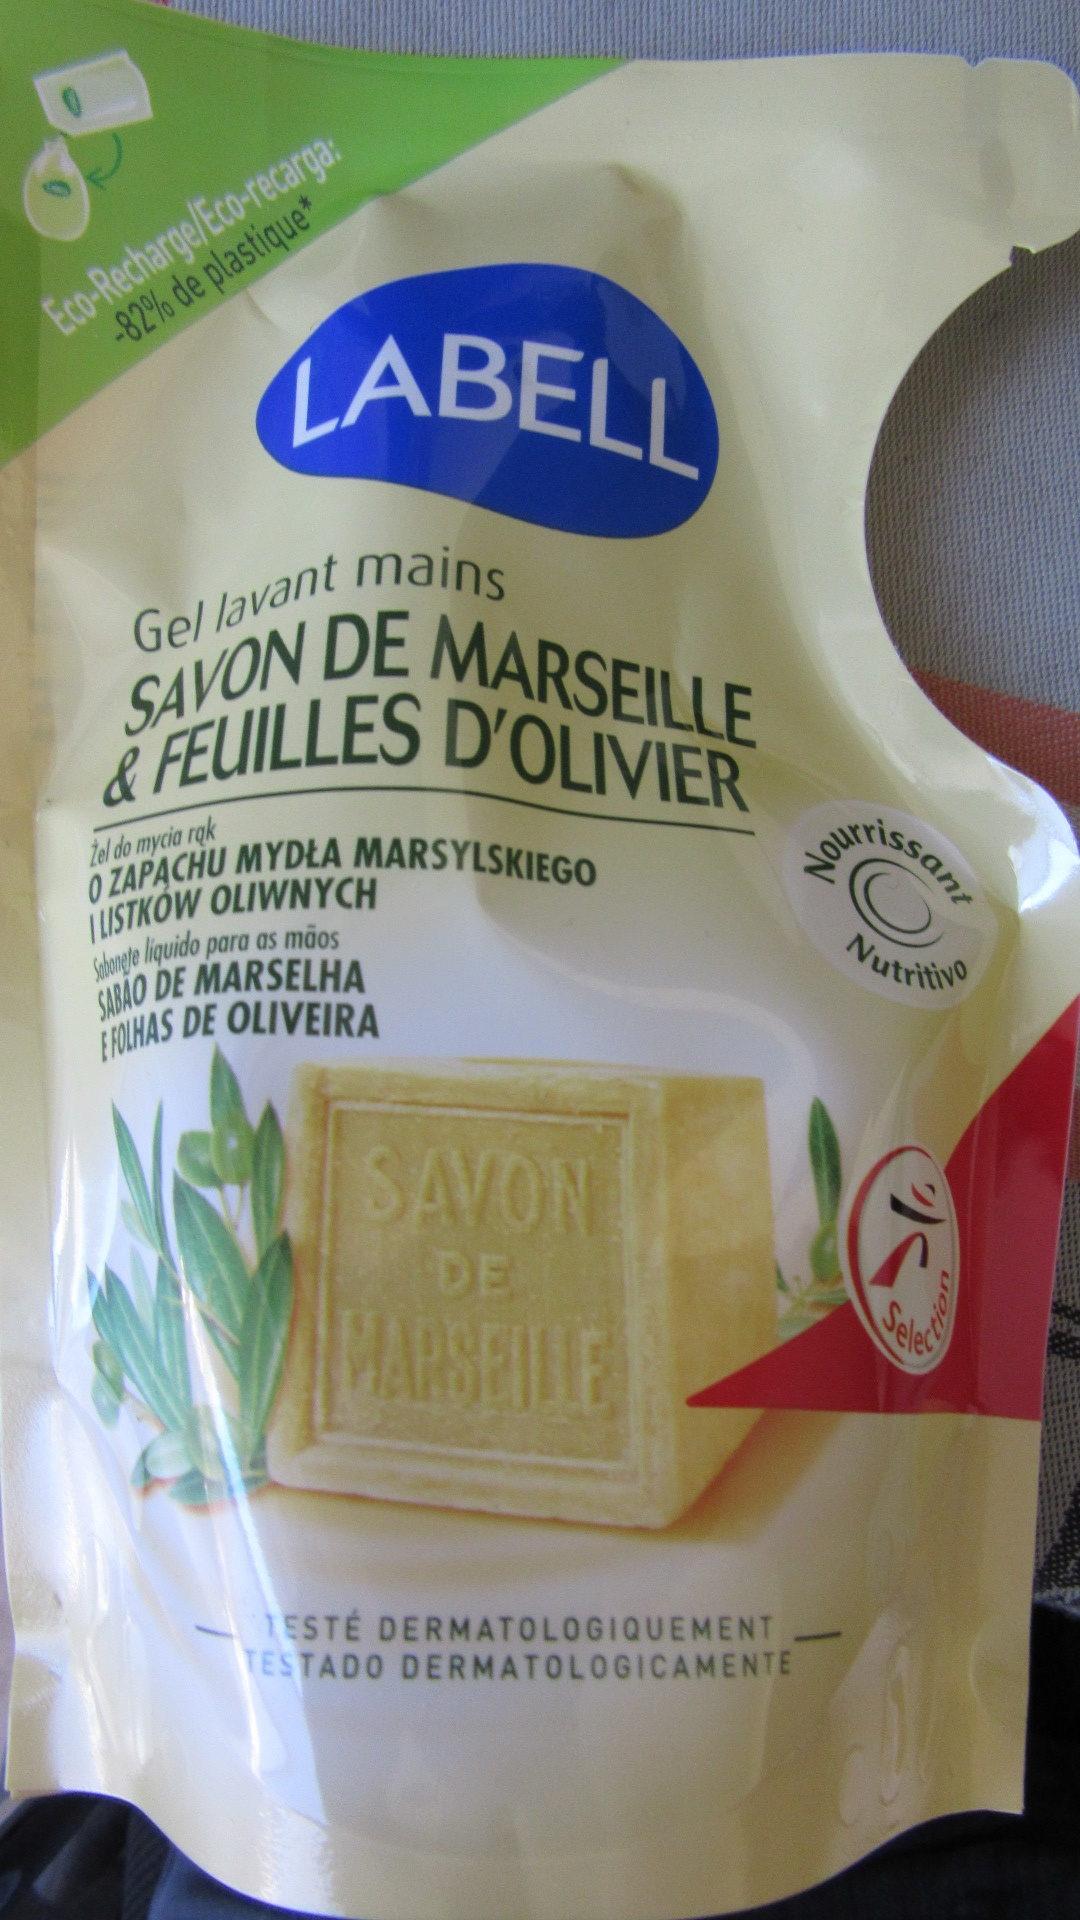 Gel lavant mains Savon de Marseille & Feuilles d'olivier - Produit